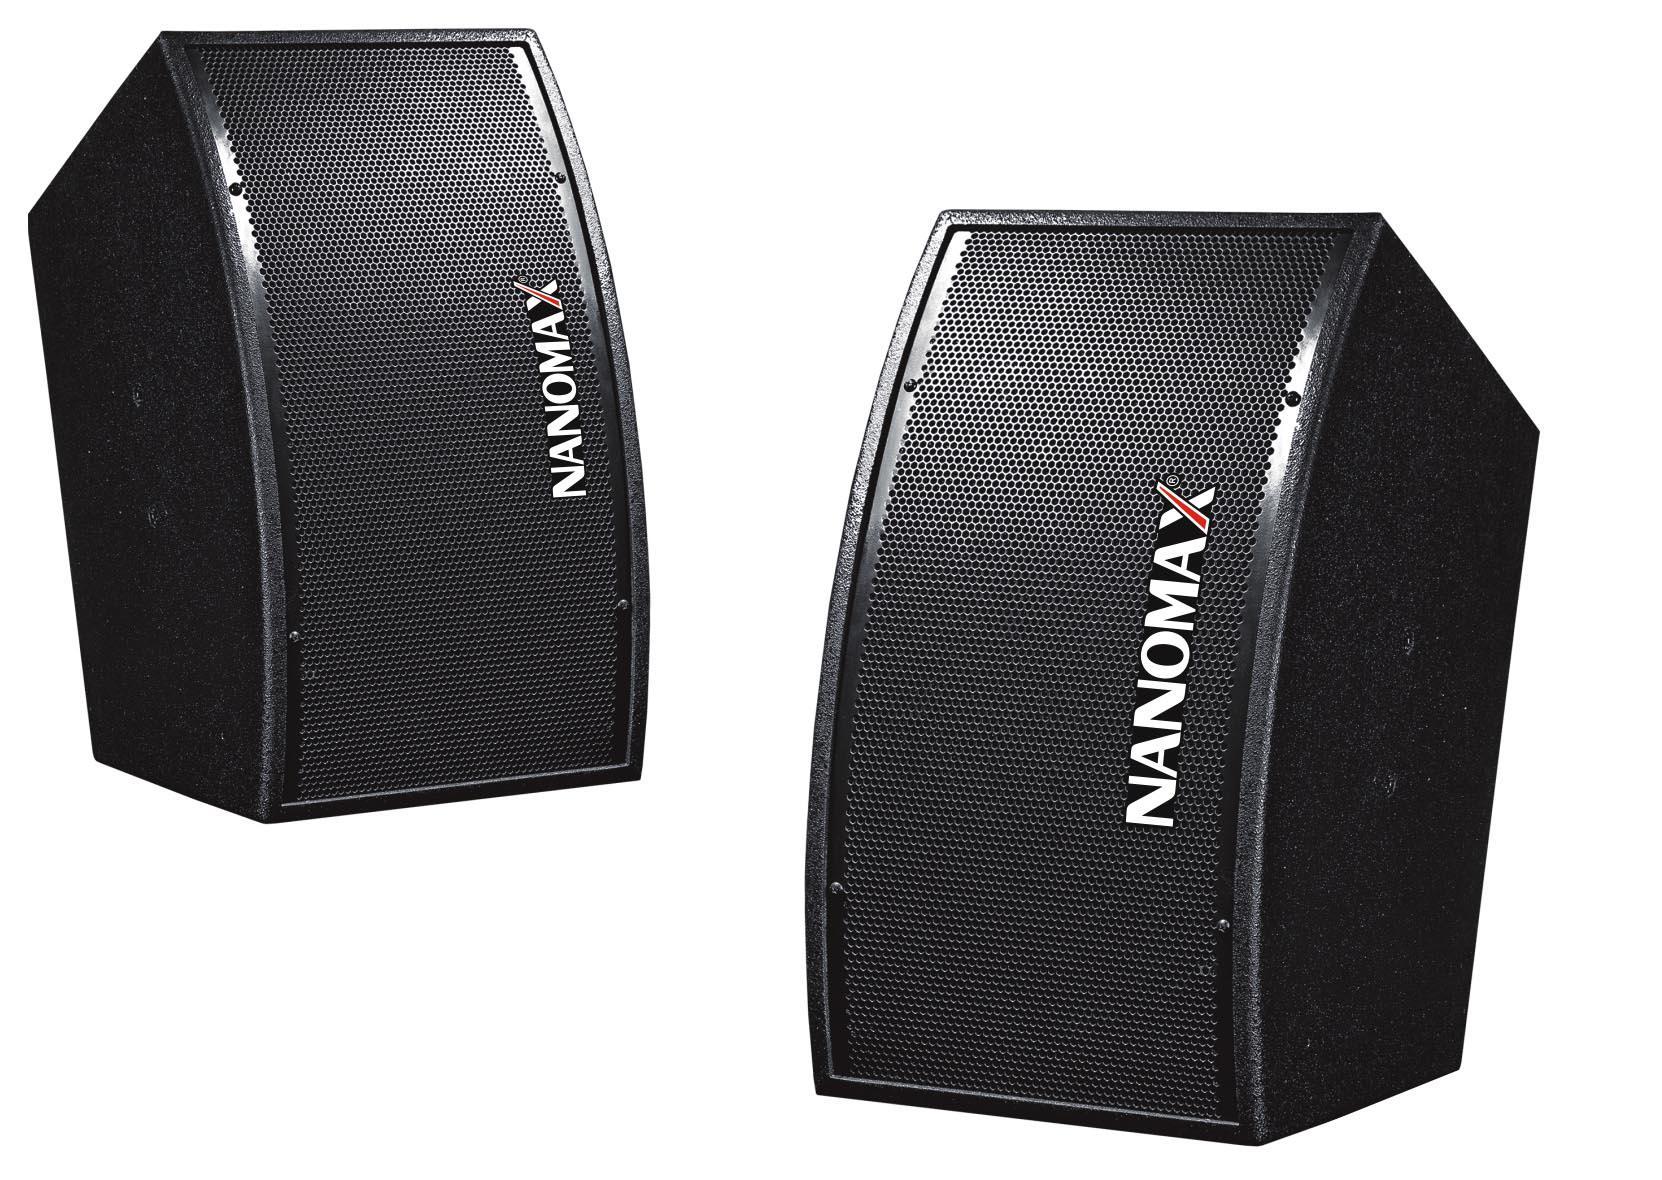 Loa Nanomax RF-1122B, loa nanomax, loa chuyên dùng cho nghe nhạc, karaoke, loa hội trường sân khấu